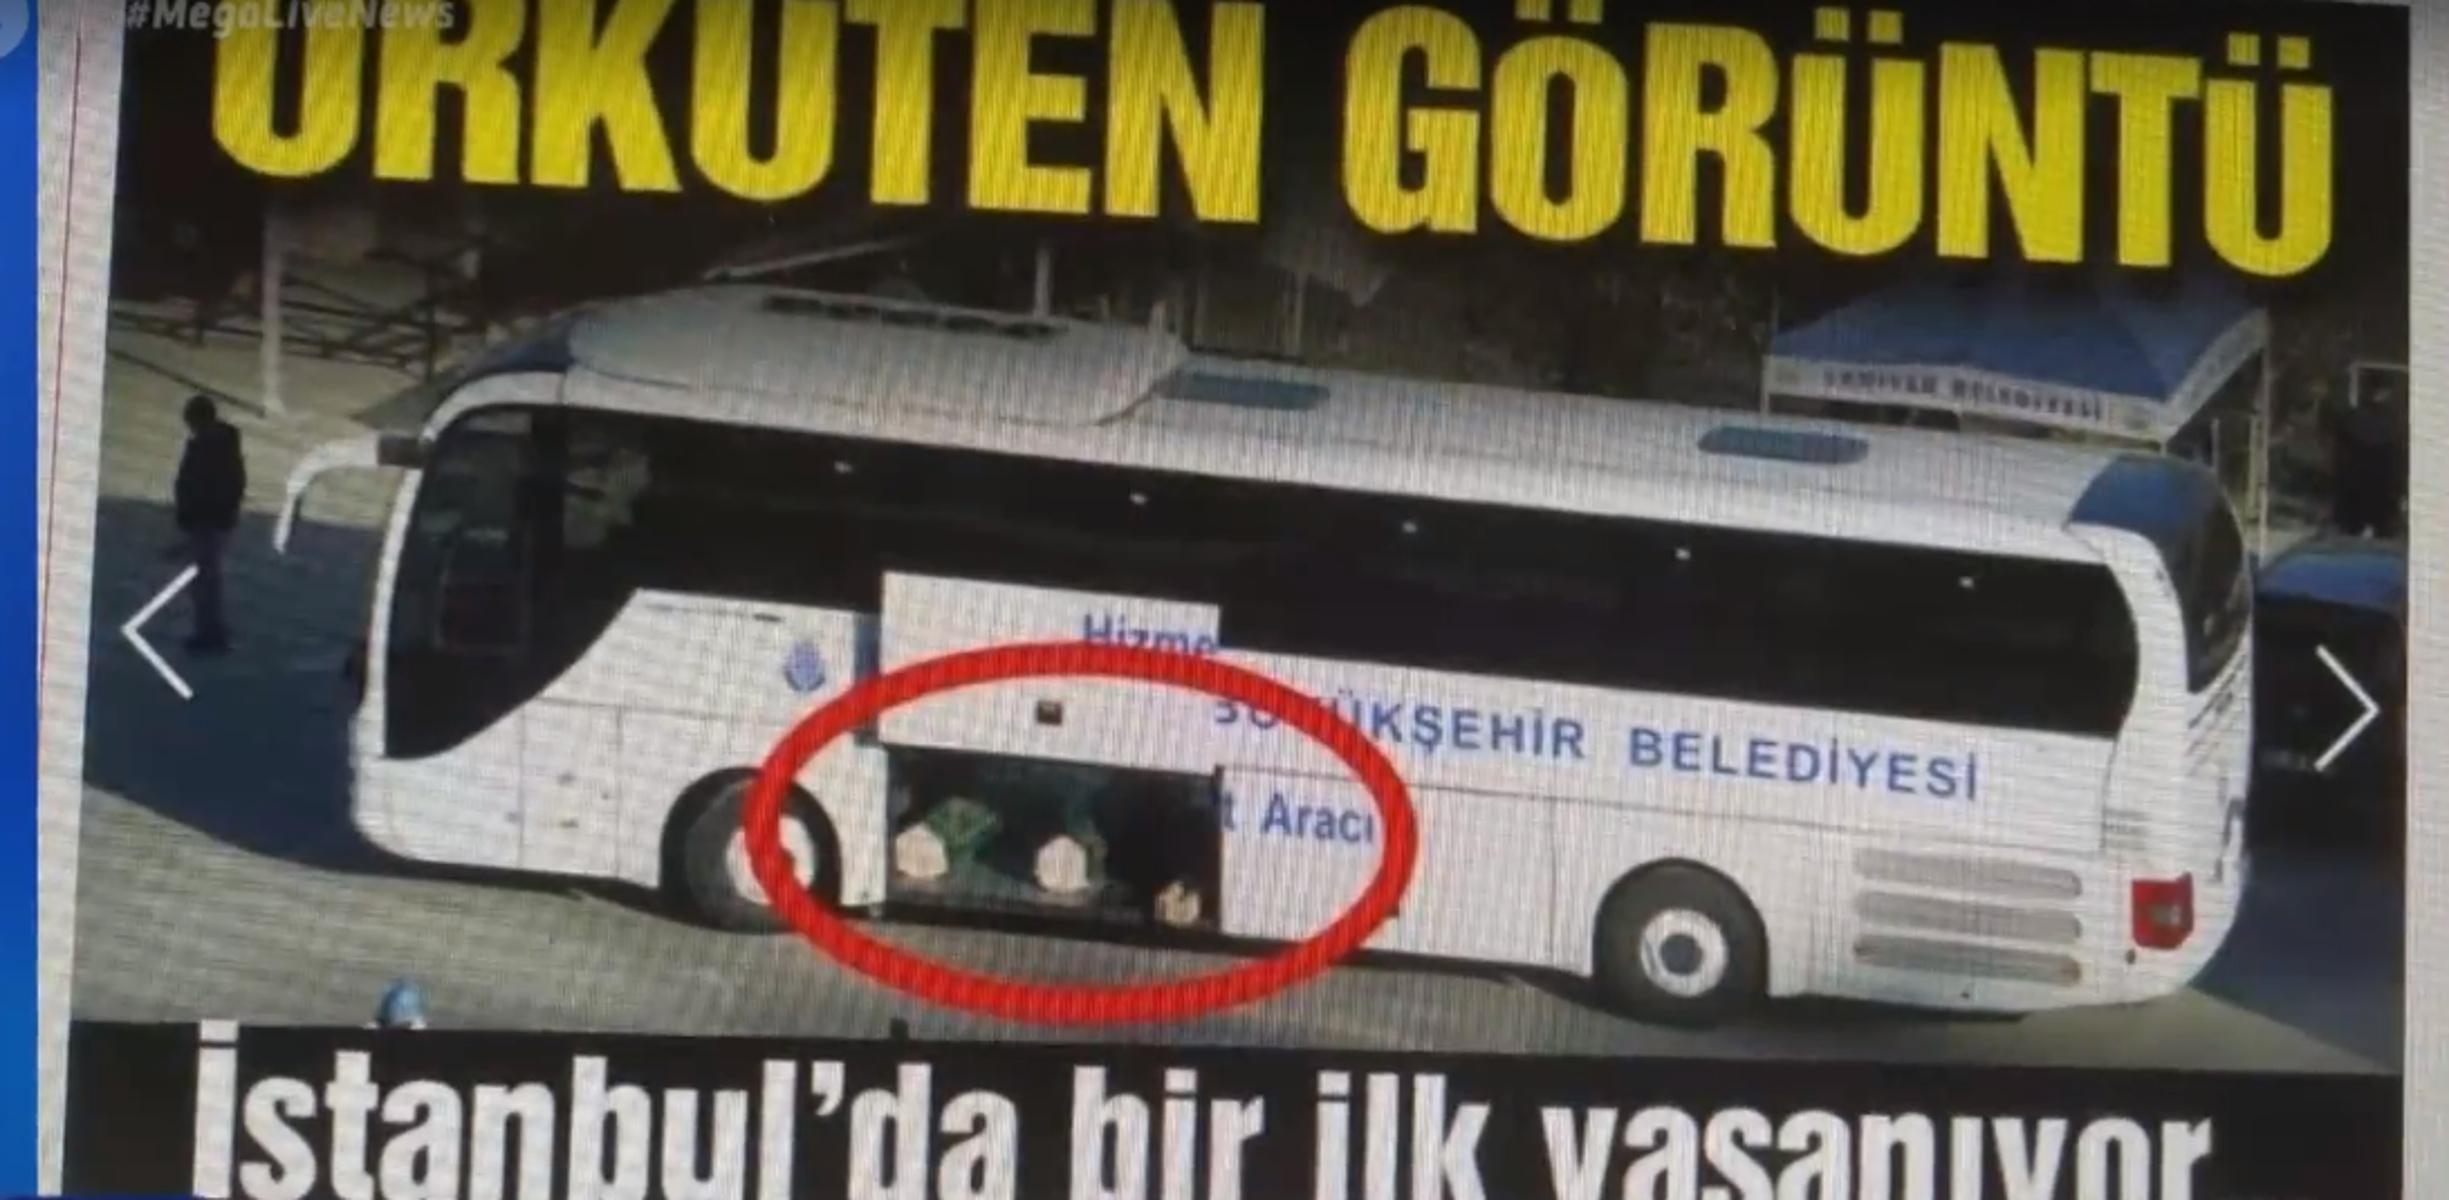 Τουρκία: Εικόνες σοκ με σορούς νεκρών από κορονοϊό να στοιβάζονται σε λεωφορεία